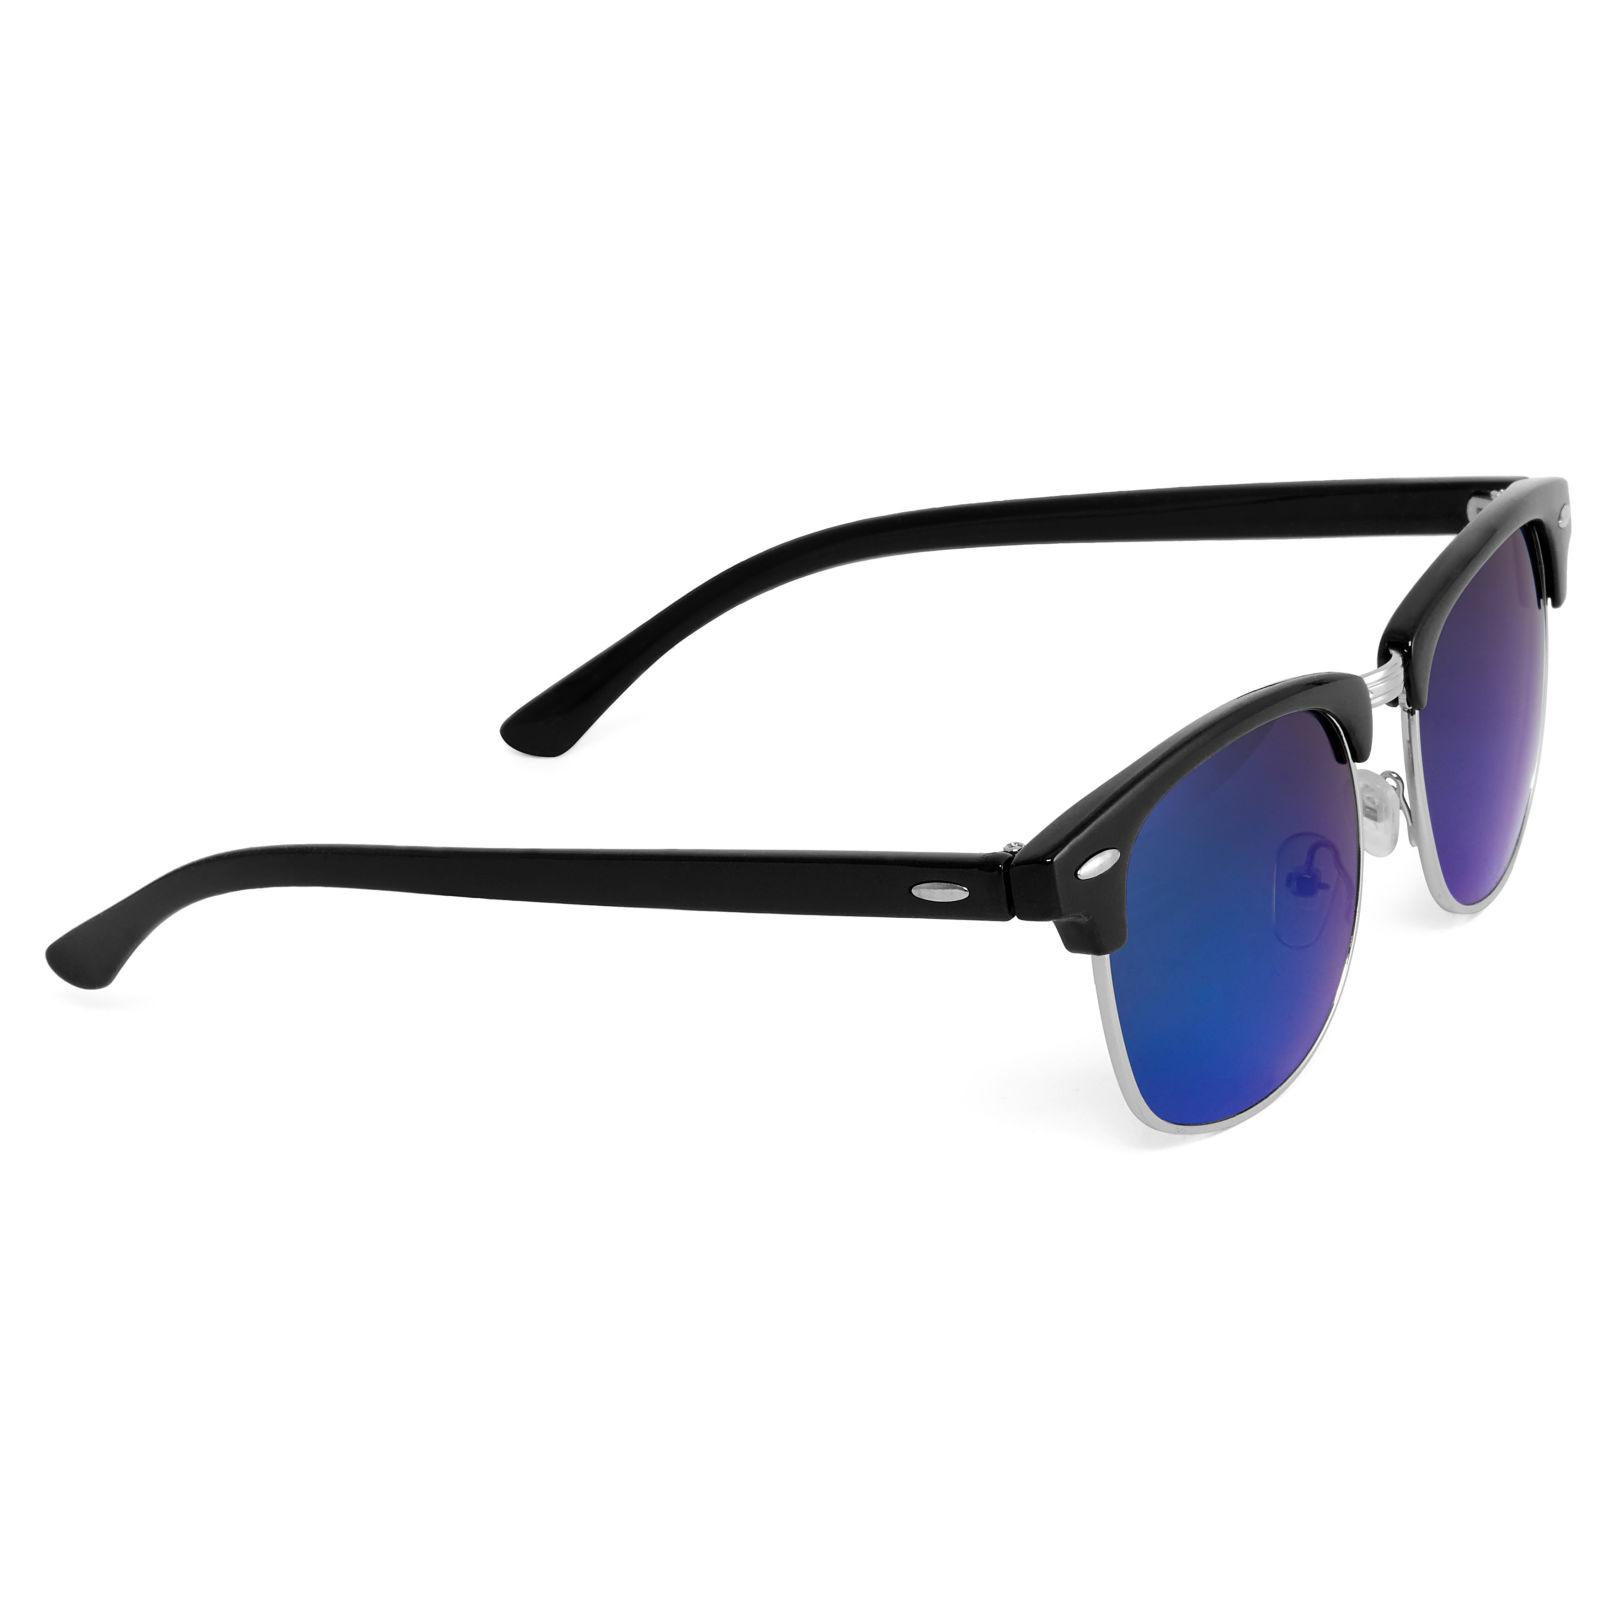 Fekete vastagított keretes napszemüveg kék tükrözött lencsékkel ... 34c8f3d9da